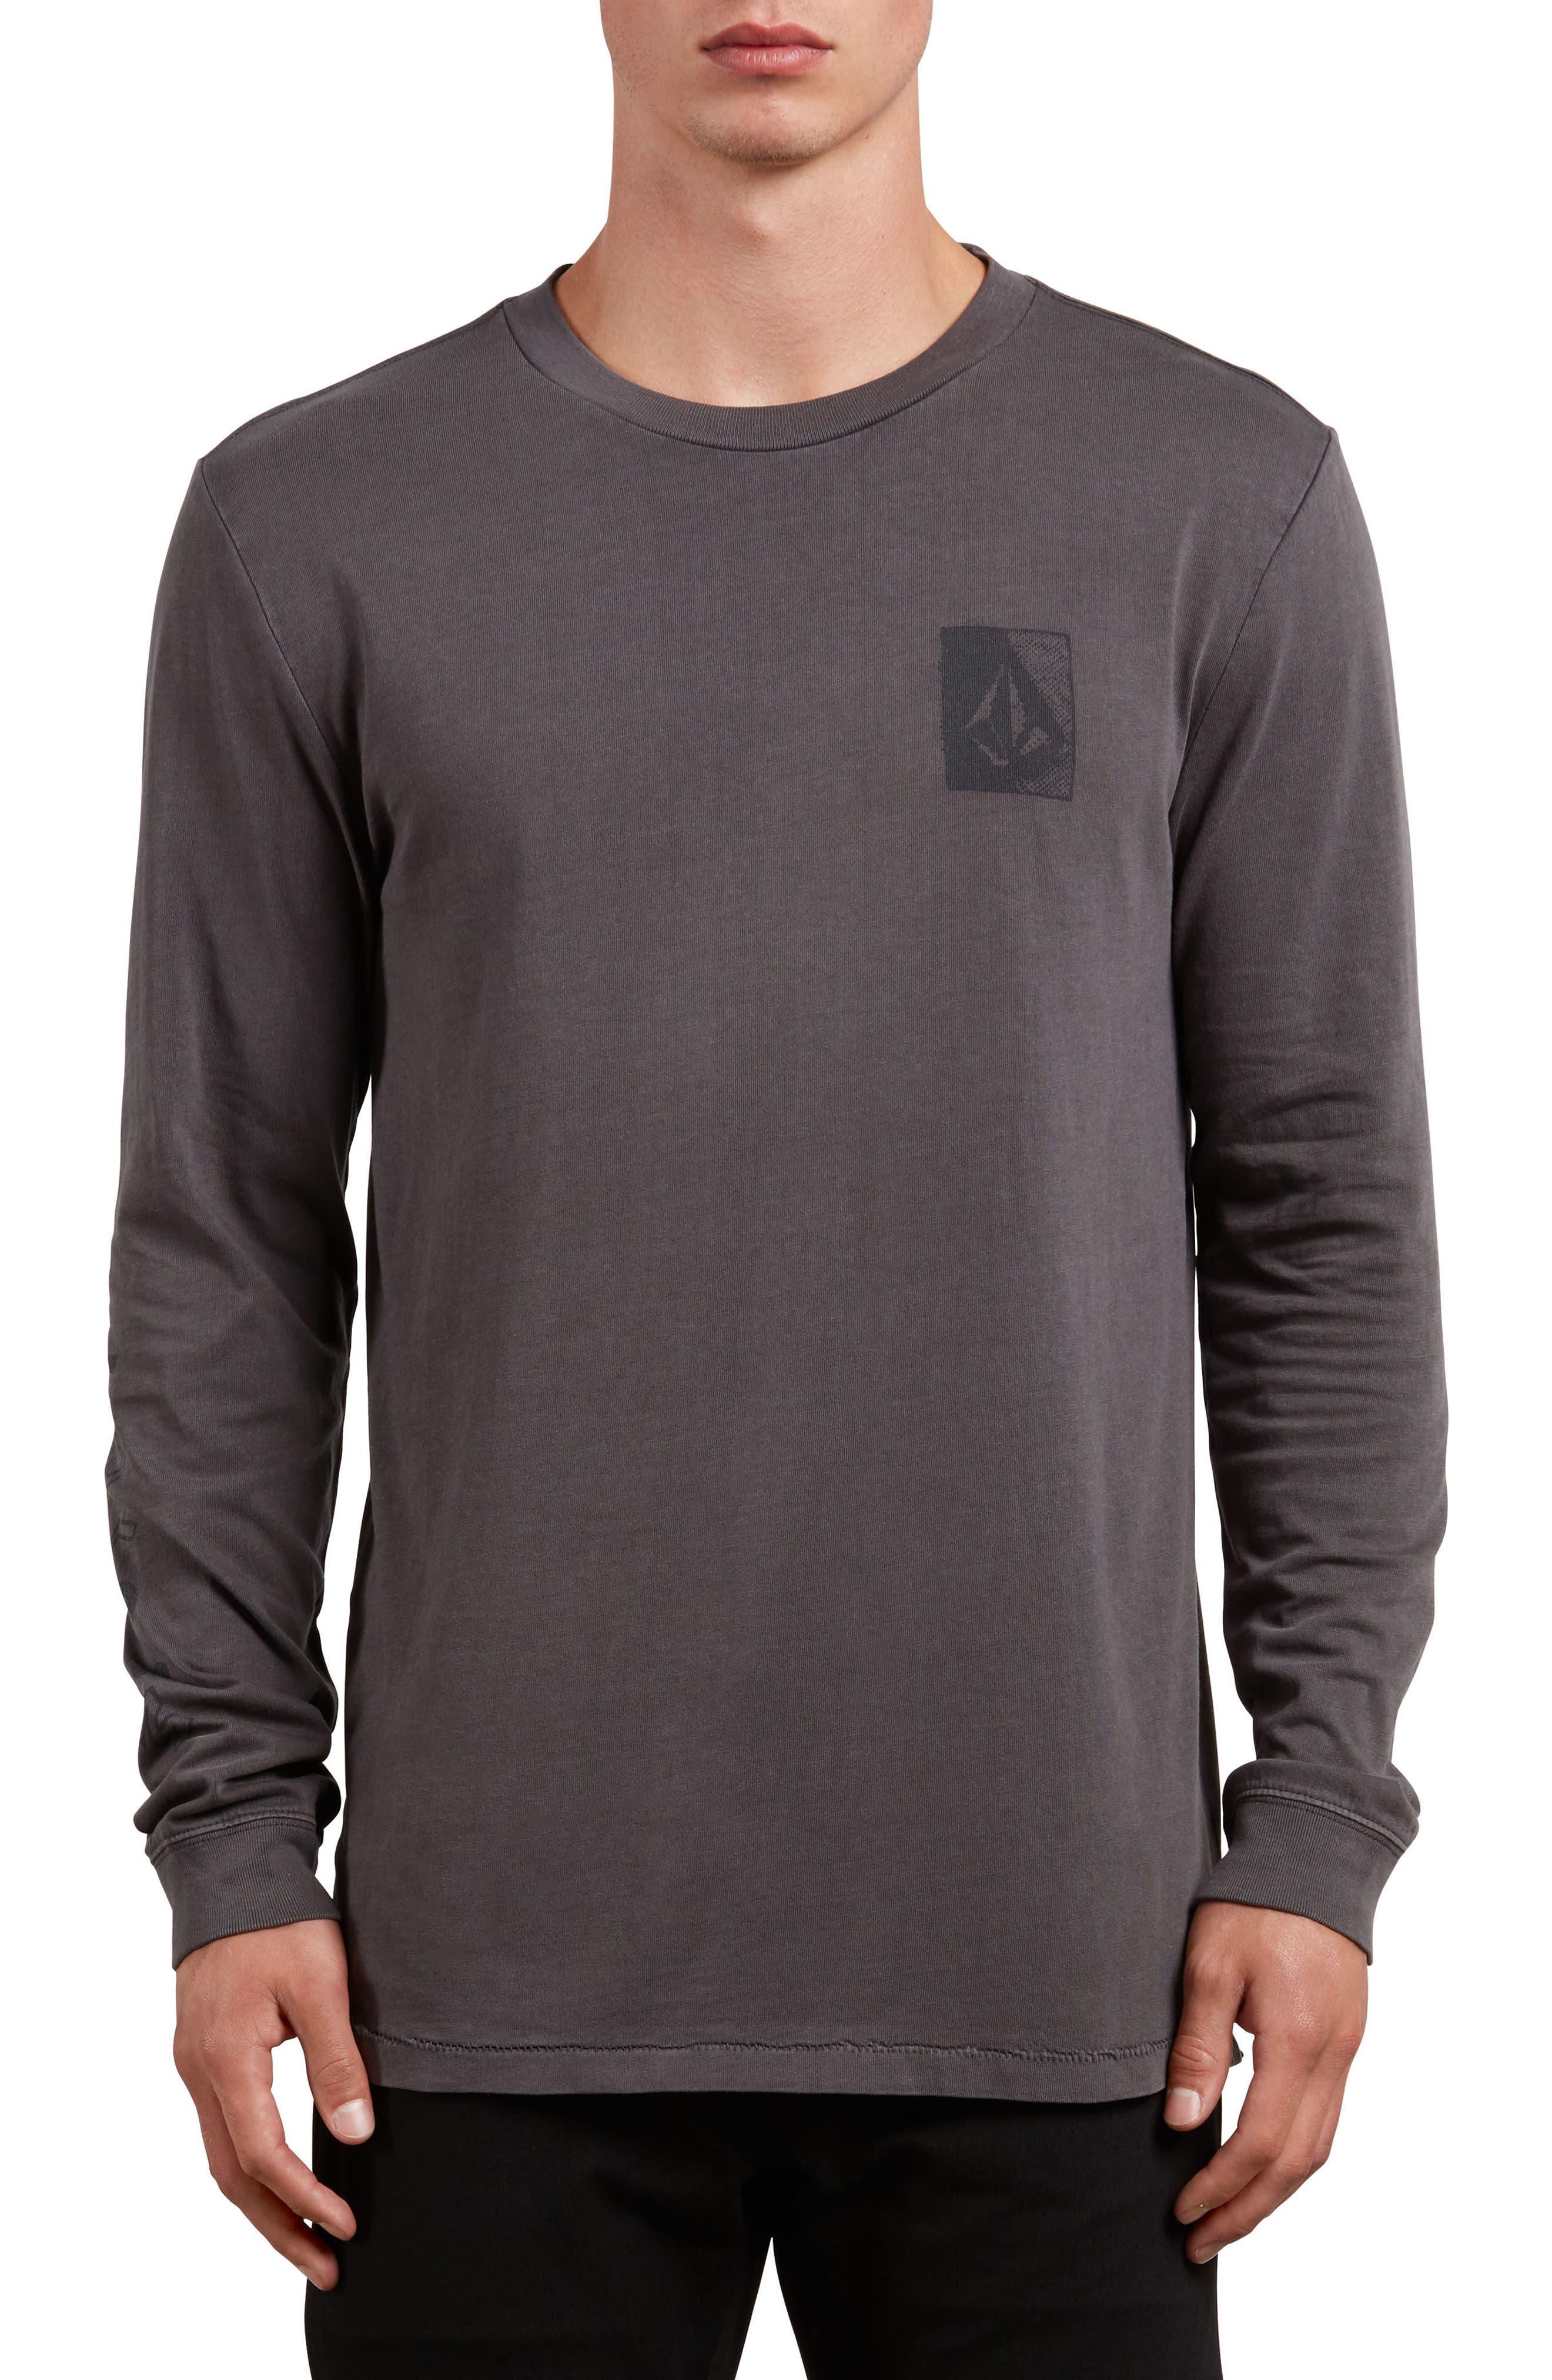 Freestate Knit T-Shirt,                             Main thumbnail 1, color,                             Black